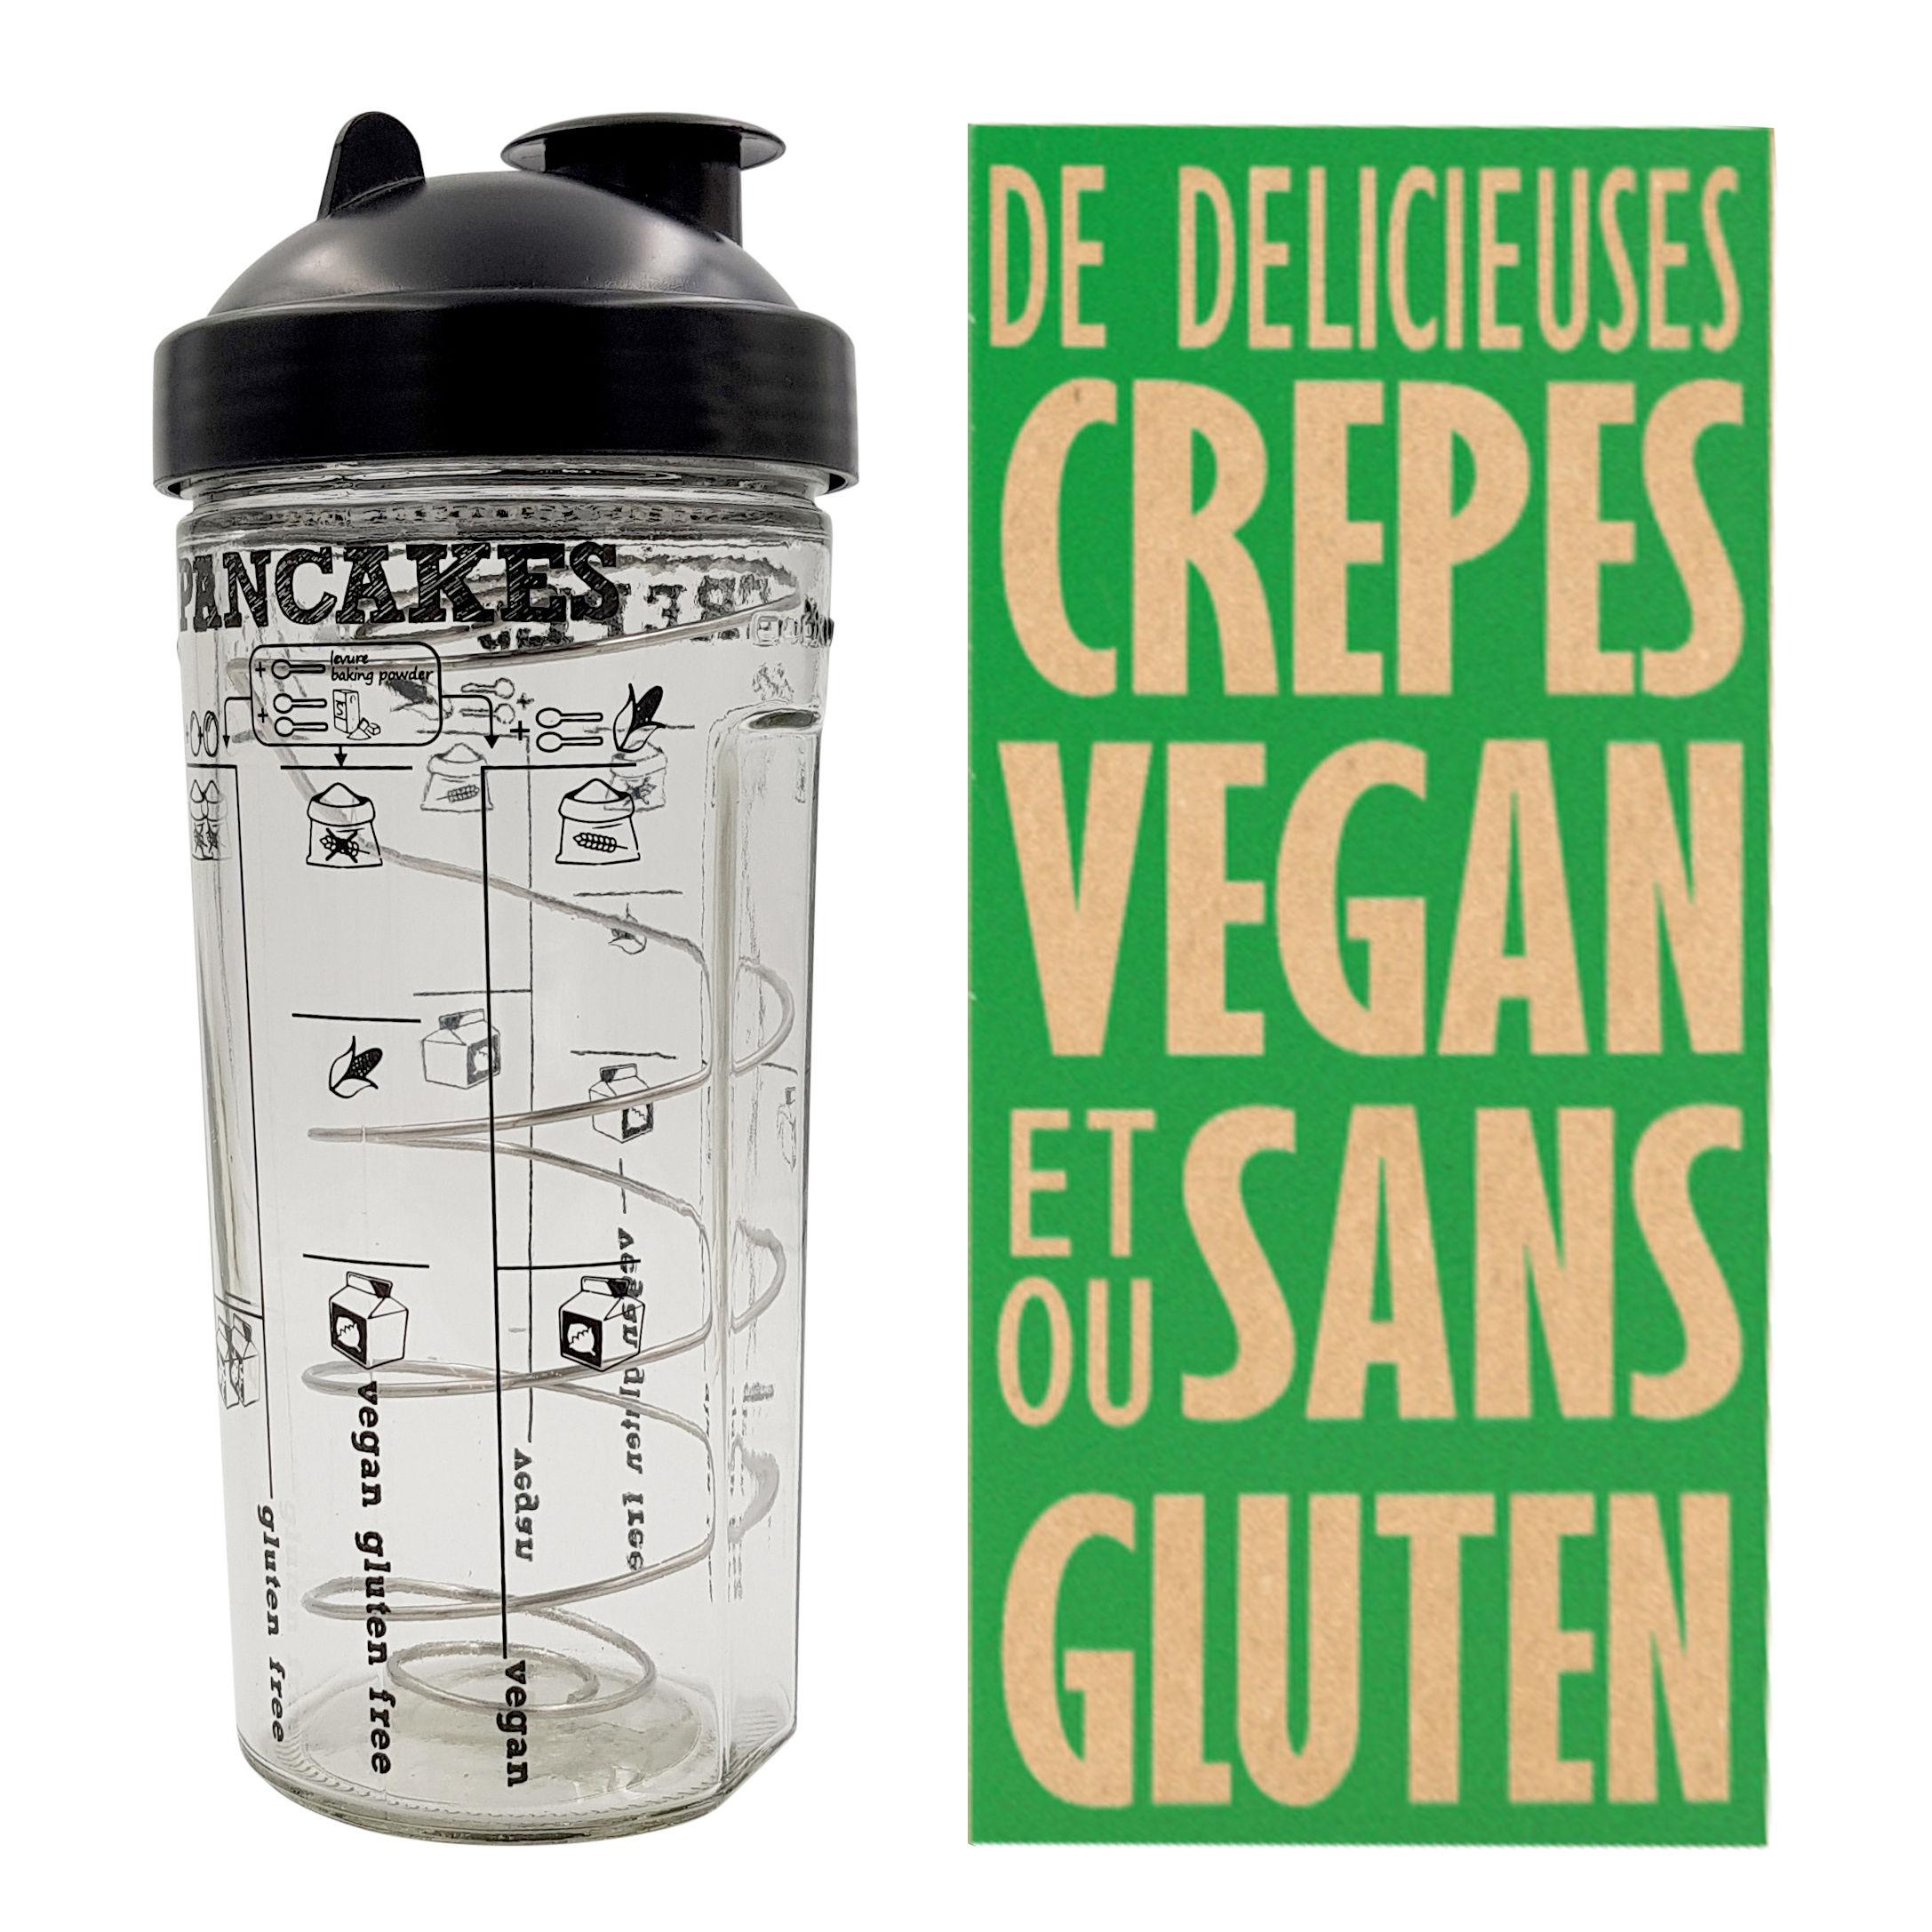 Cuisine - Ustensiles de cuisines - Shaker Miam Vegan / Pour crêpes et pancakes VEGAN en 2 minutes - Cookut - Transparent / Noir - Inox, Silicone, Verre